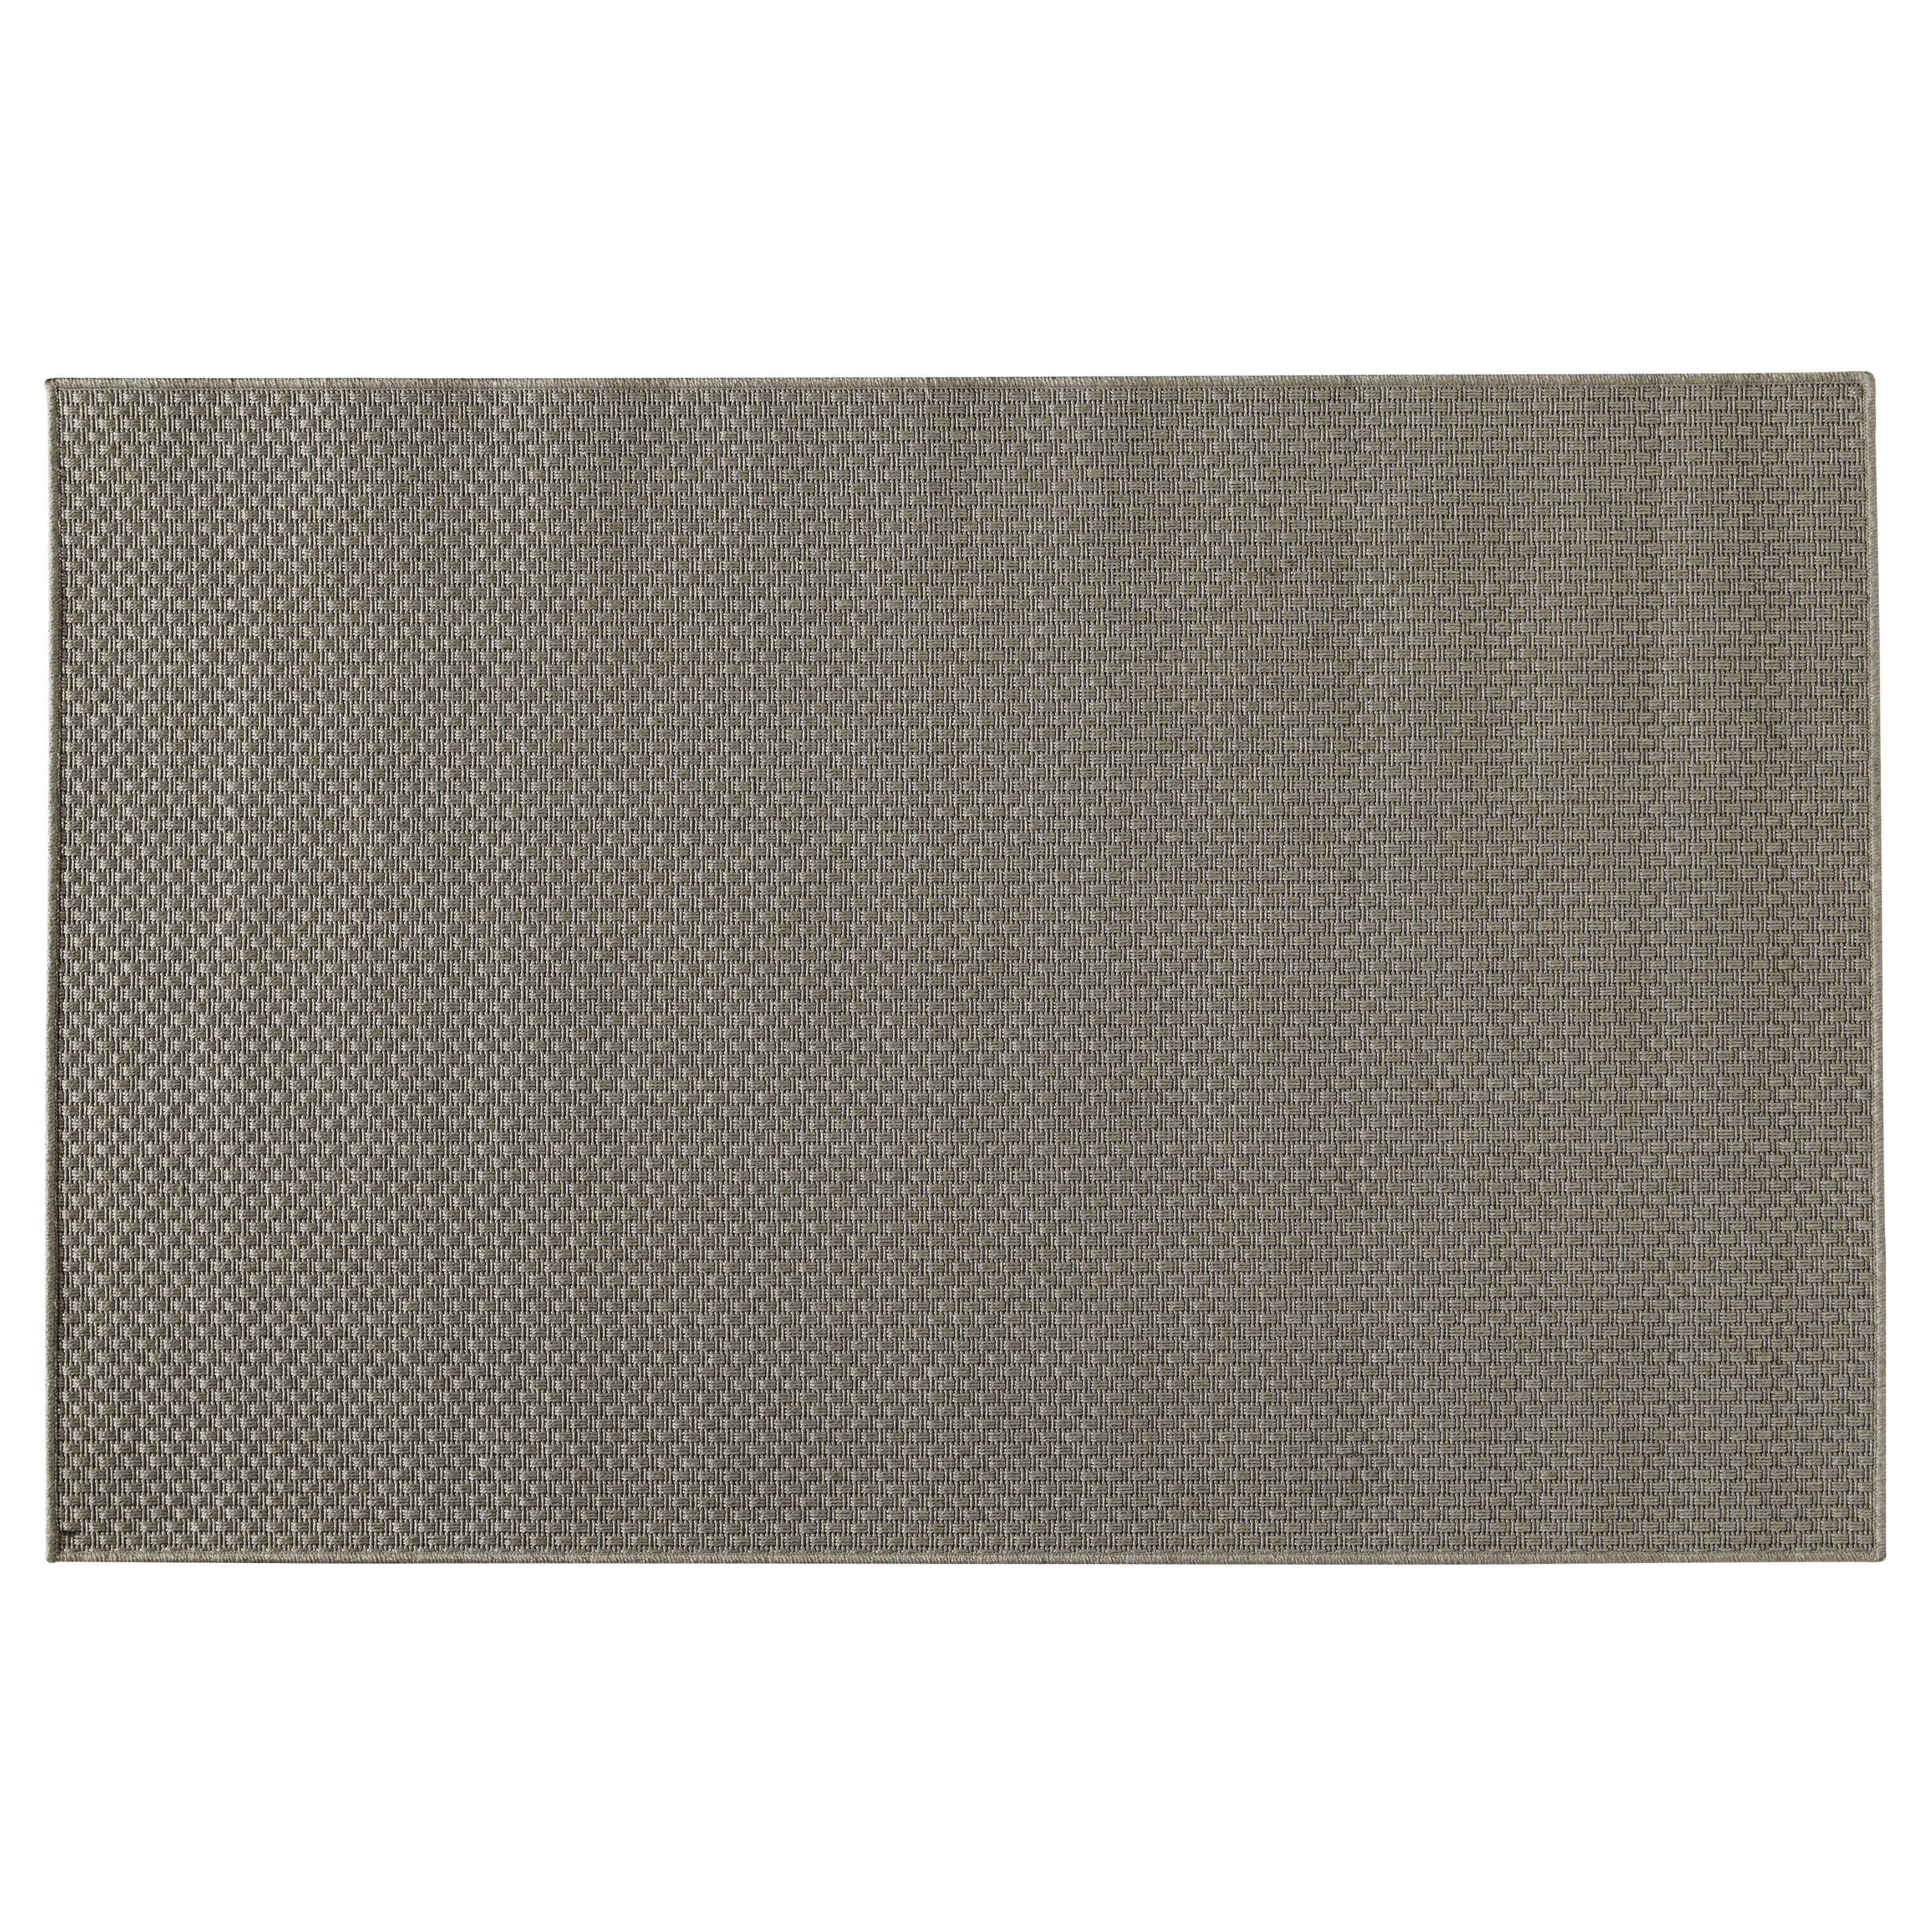 tappeto da esterno in polipropilene 120x180 cm maisons du monde tapis exterieur tapis gris exterieur gris